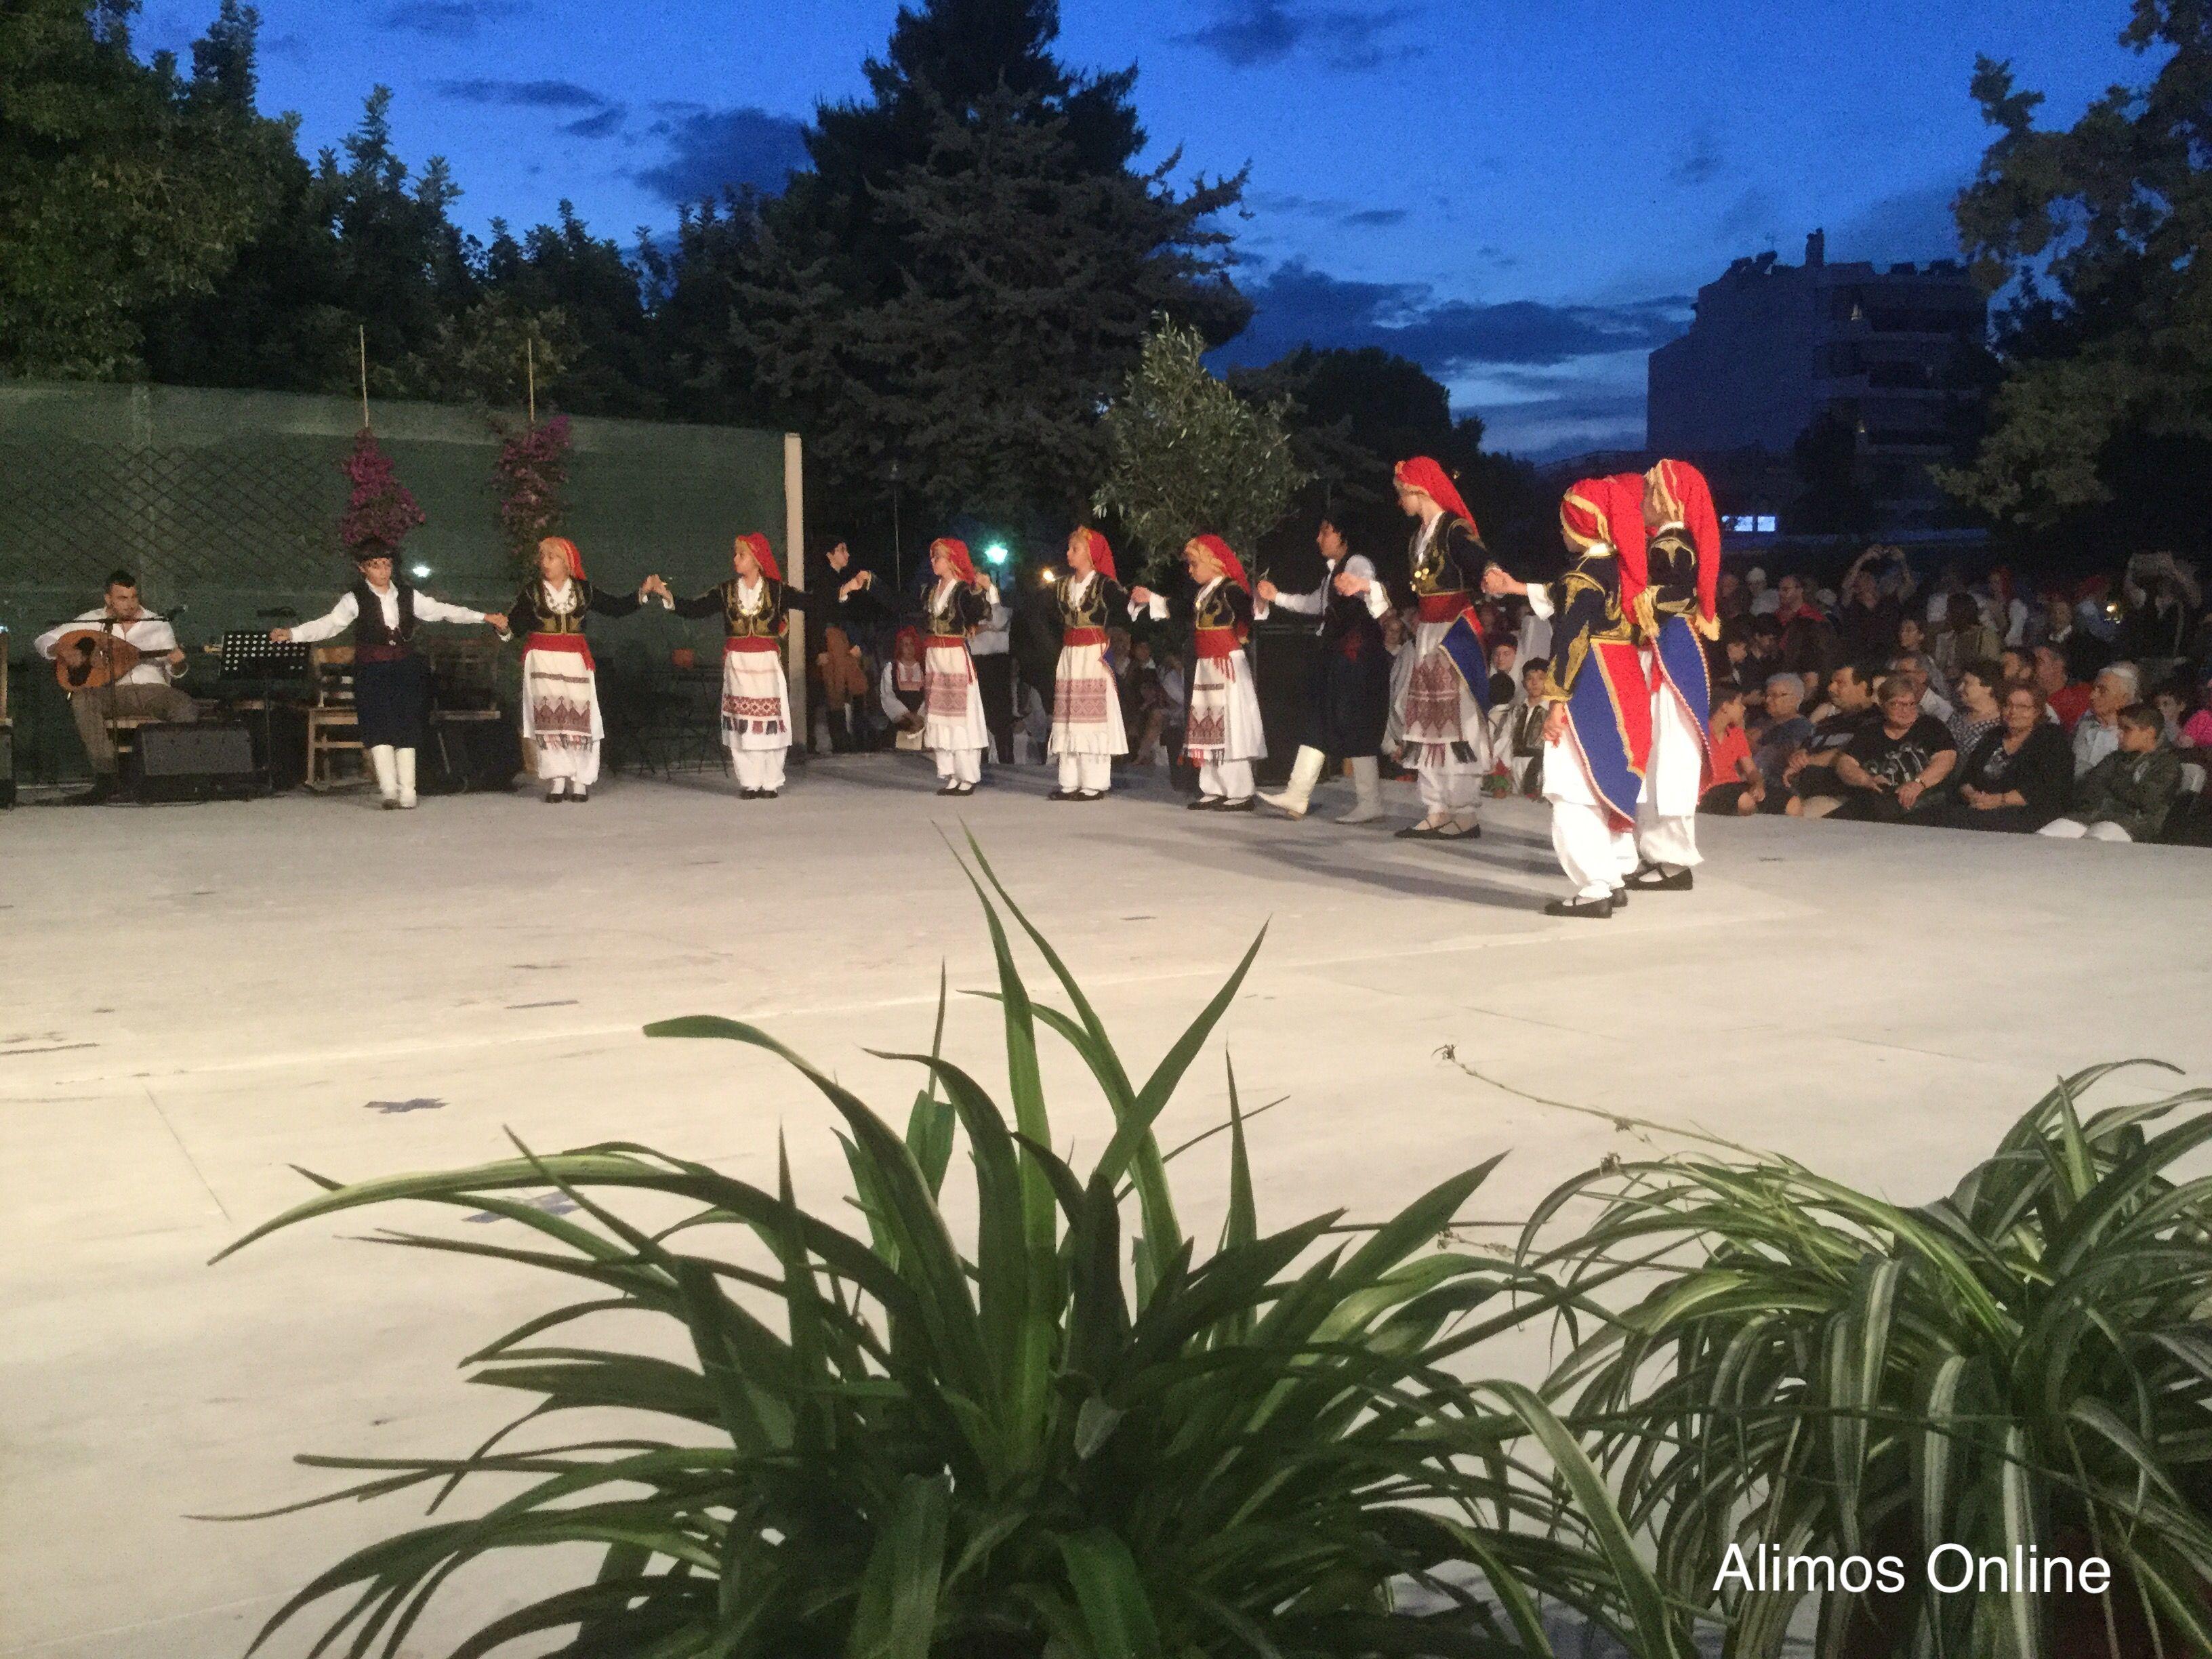 Για άλλη μια χρονιά, ο ΣΤΗΣΙΧΟΡΟΣ μας ταξίδεψε χορευτικά σε όλα τα μέρη της Ελλάδας